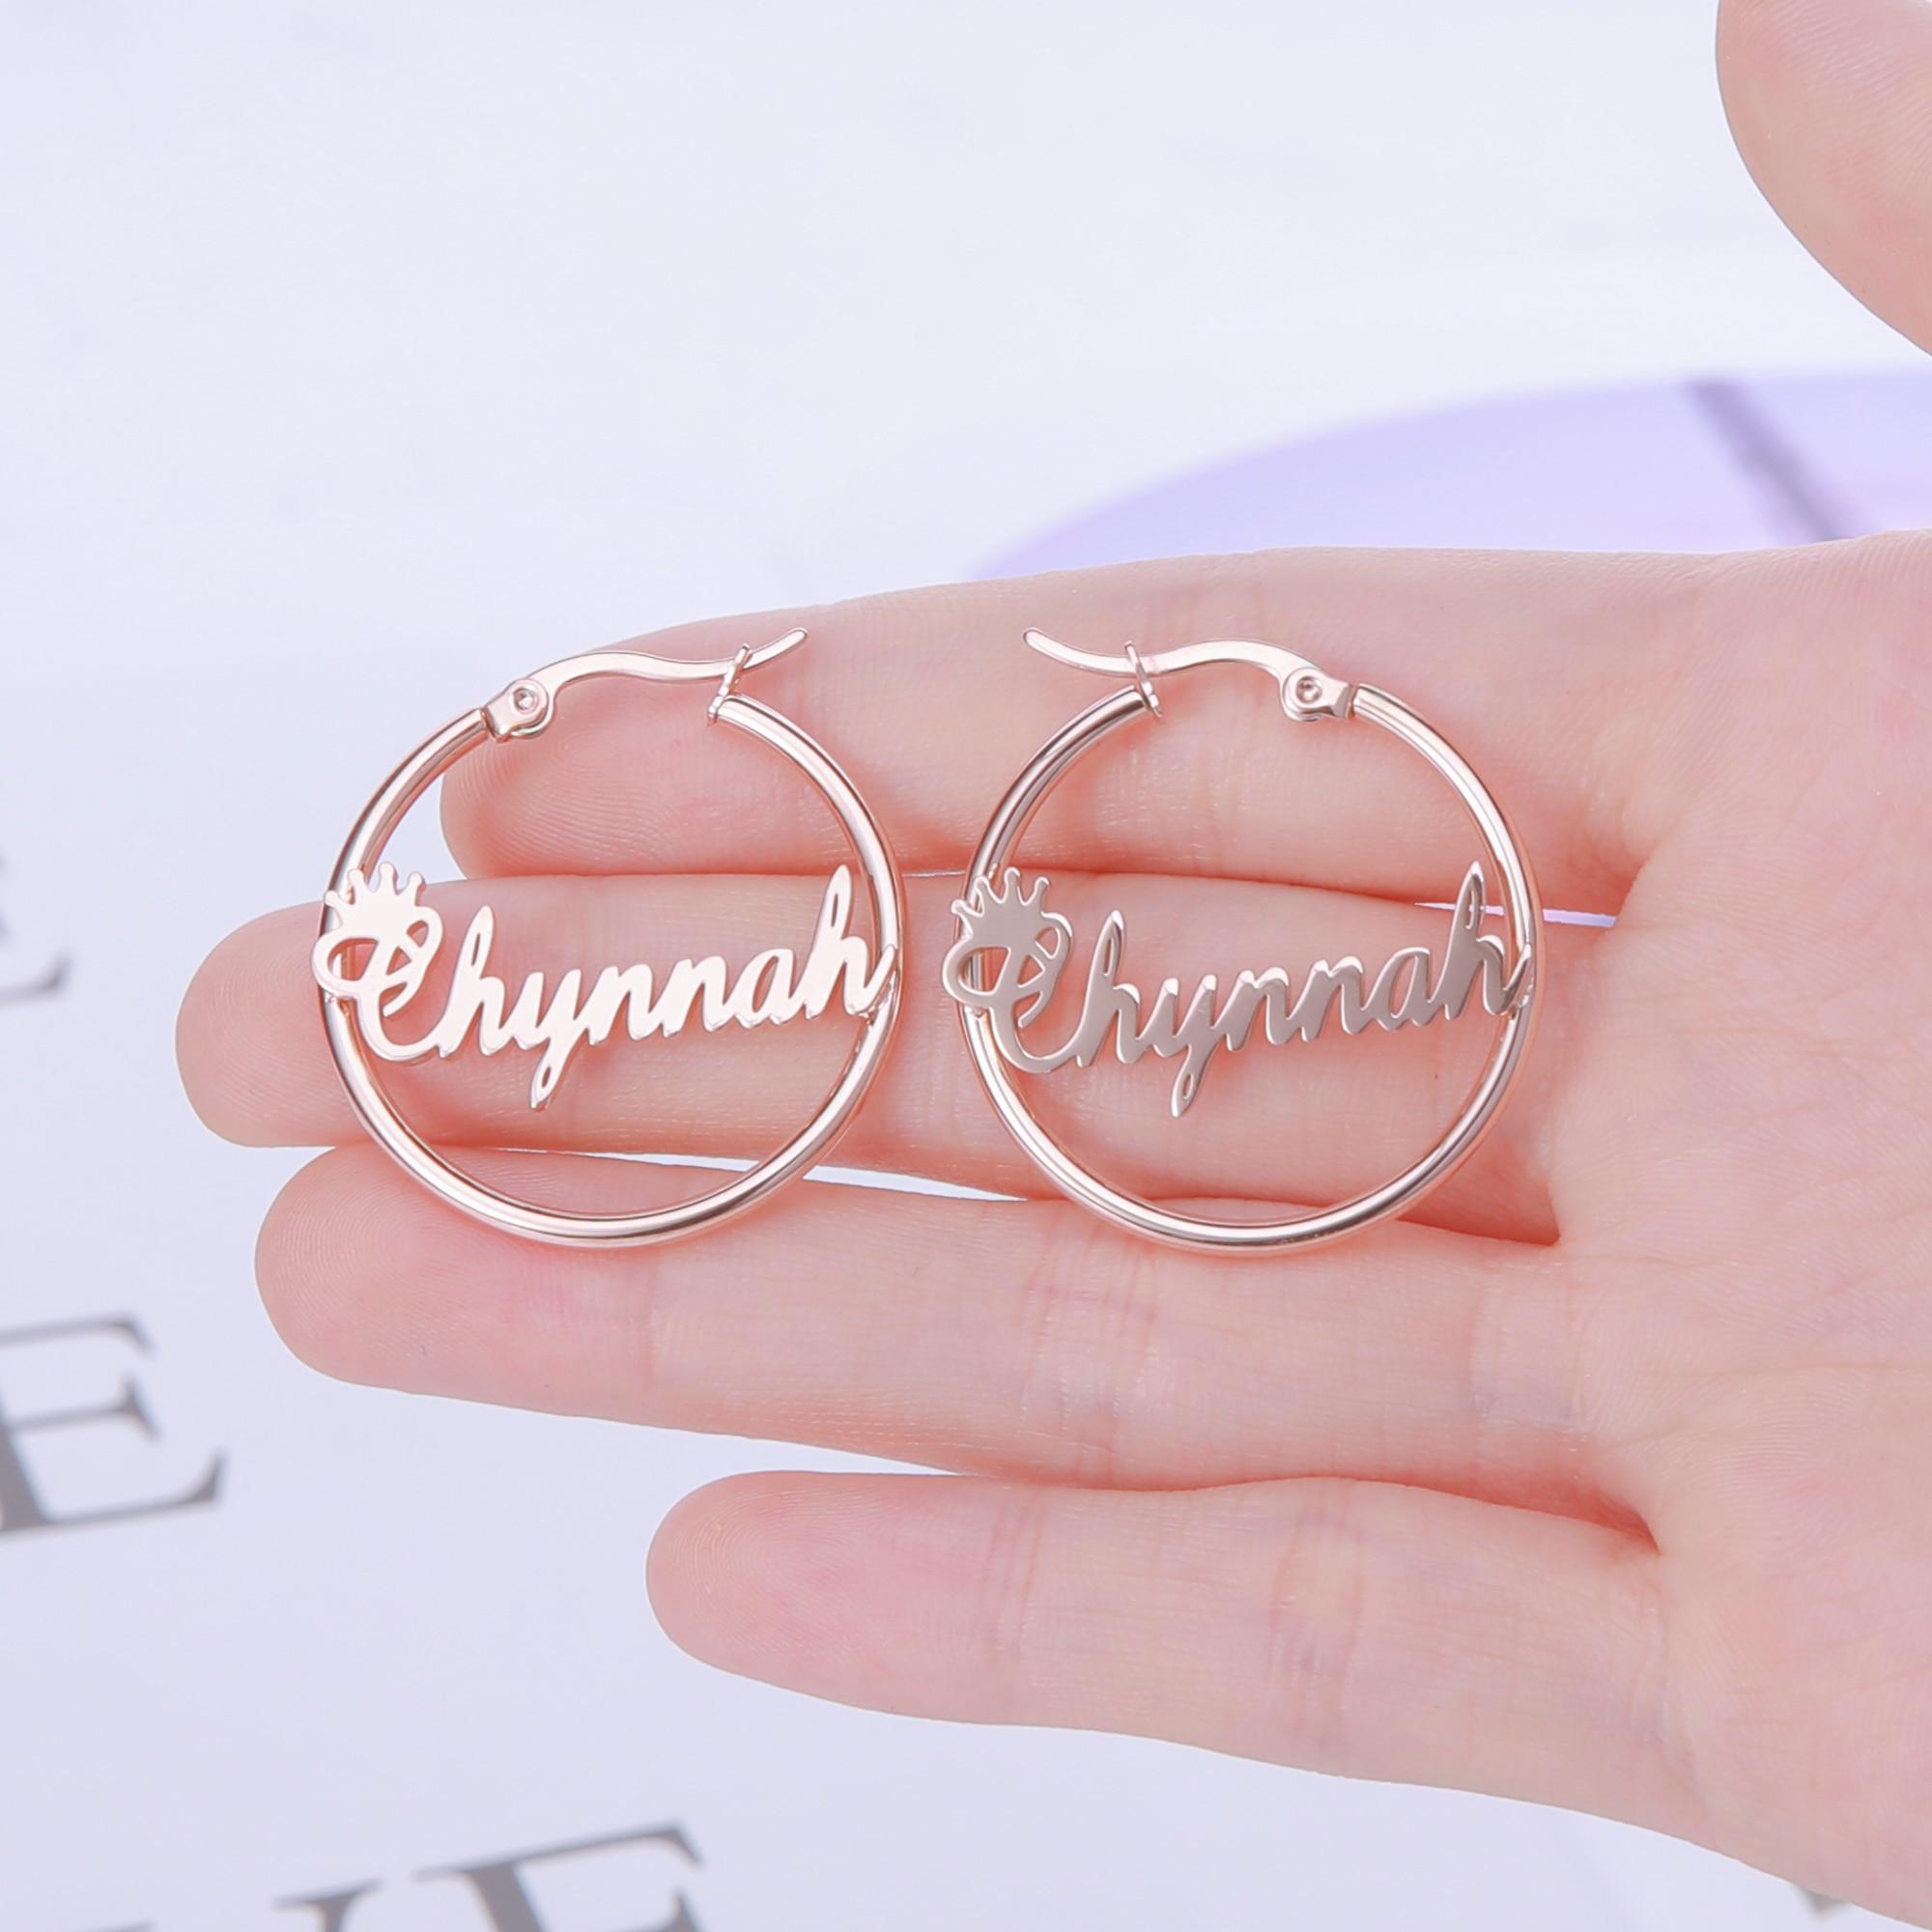 серьги-сережки-бижутерия-для-женщин-2021-тренд-lucktune-Большие-серьги-кольца-с-именем-на-заказ-висячие-серьги-для-женщин-и-девушек-табличка-из-н